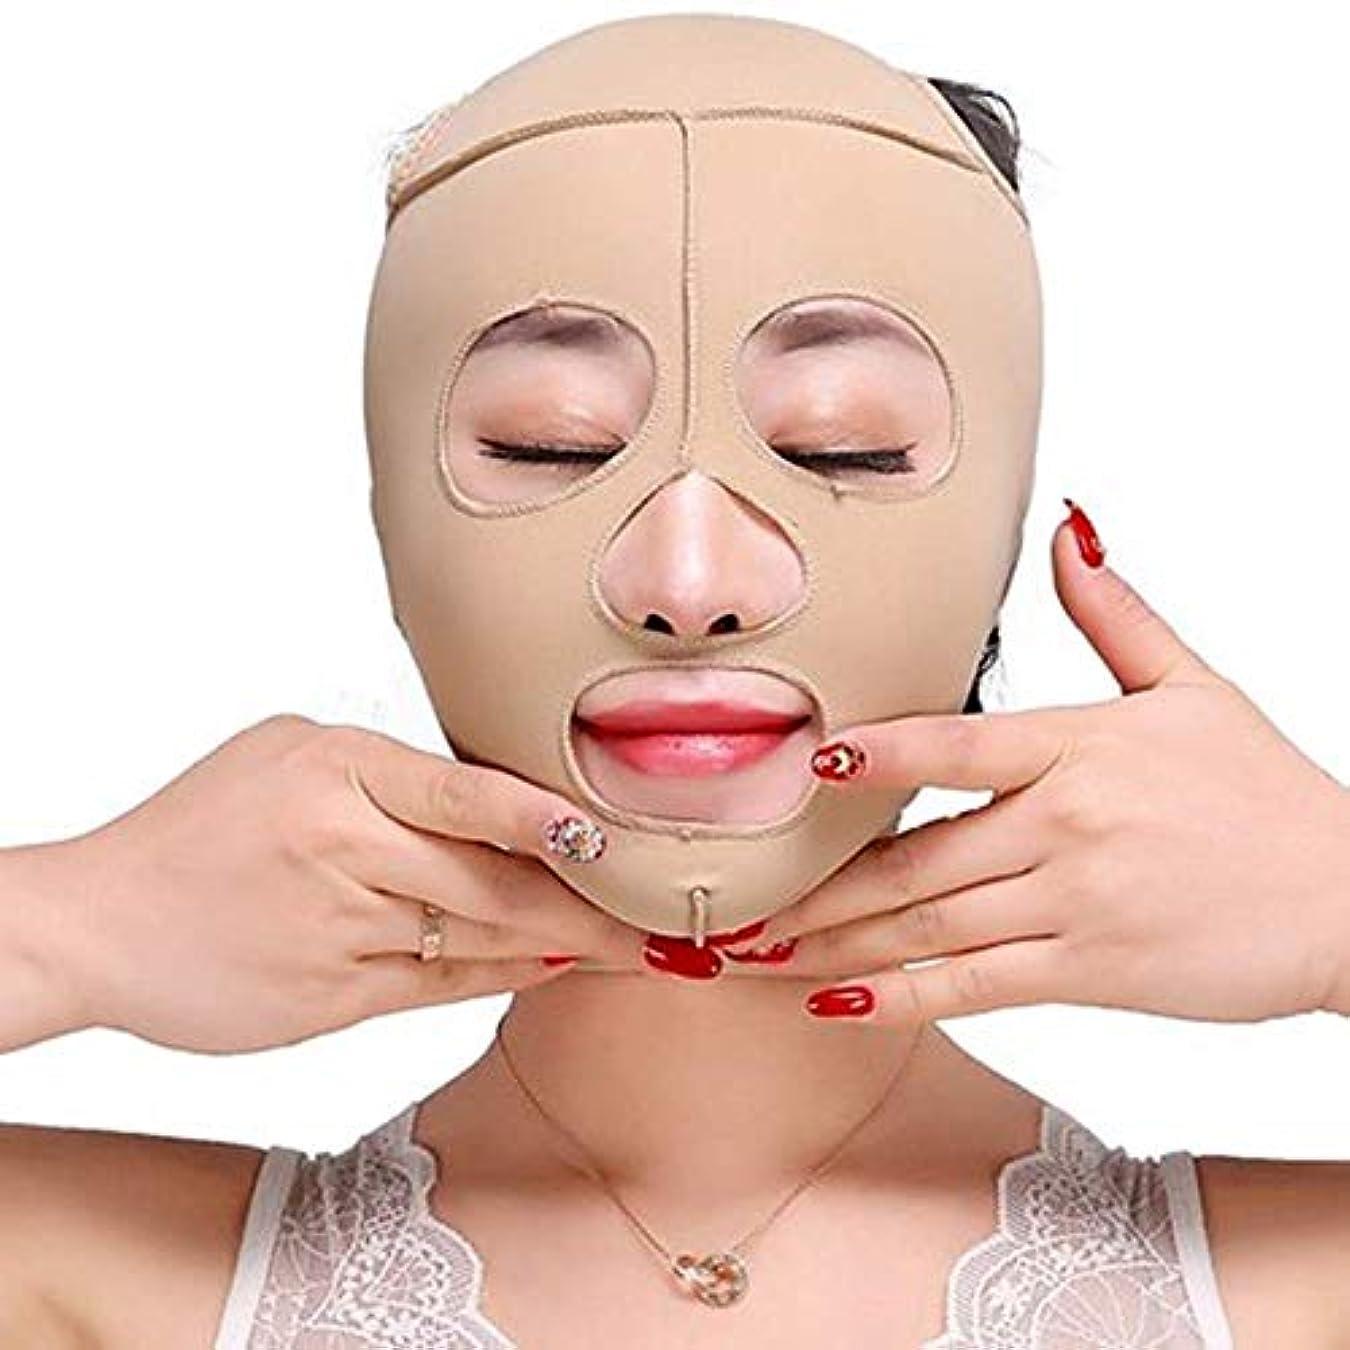 普遍的な普遍的なスピン美容と実用的なVフェイスマスク、フェイシャルフェイスシンフェイス、ダブルチンシンフェイスバンデージ(サイズ:L)